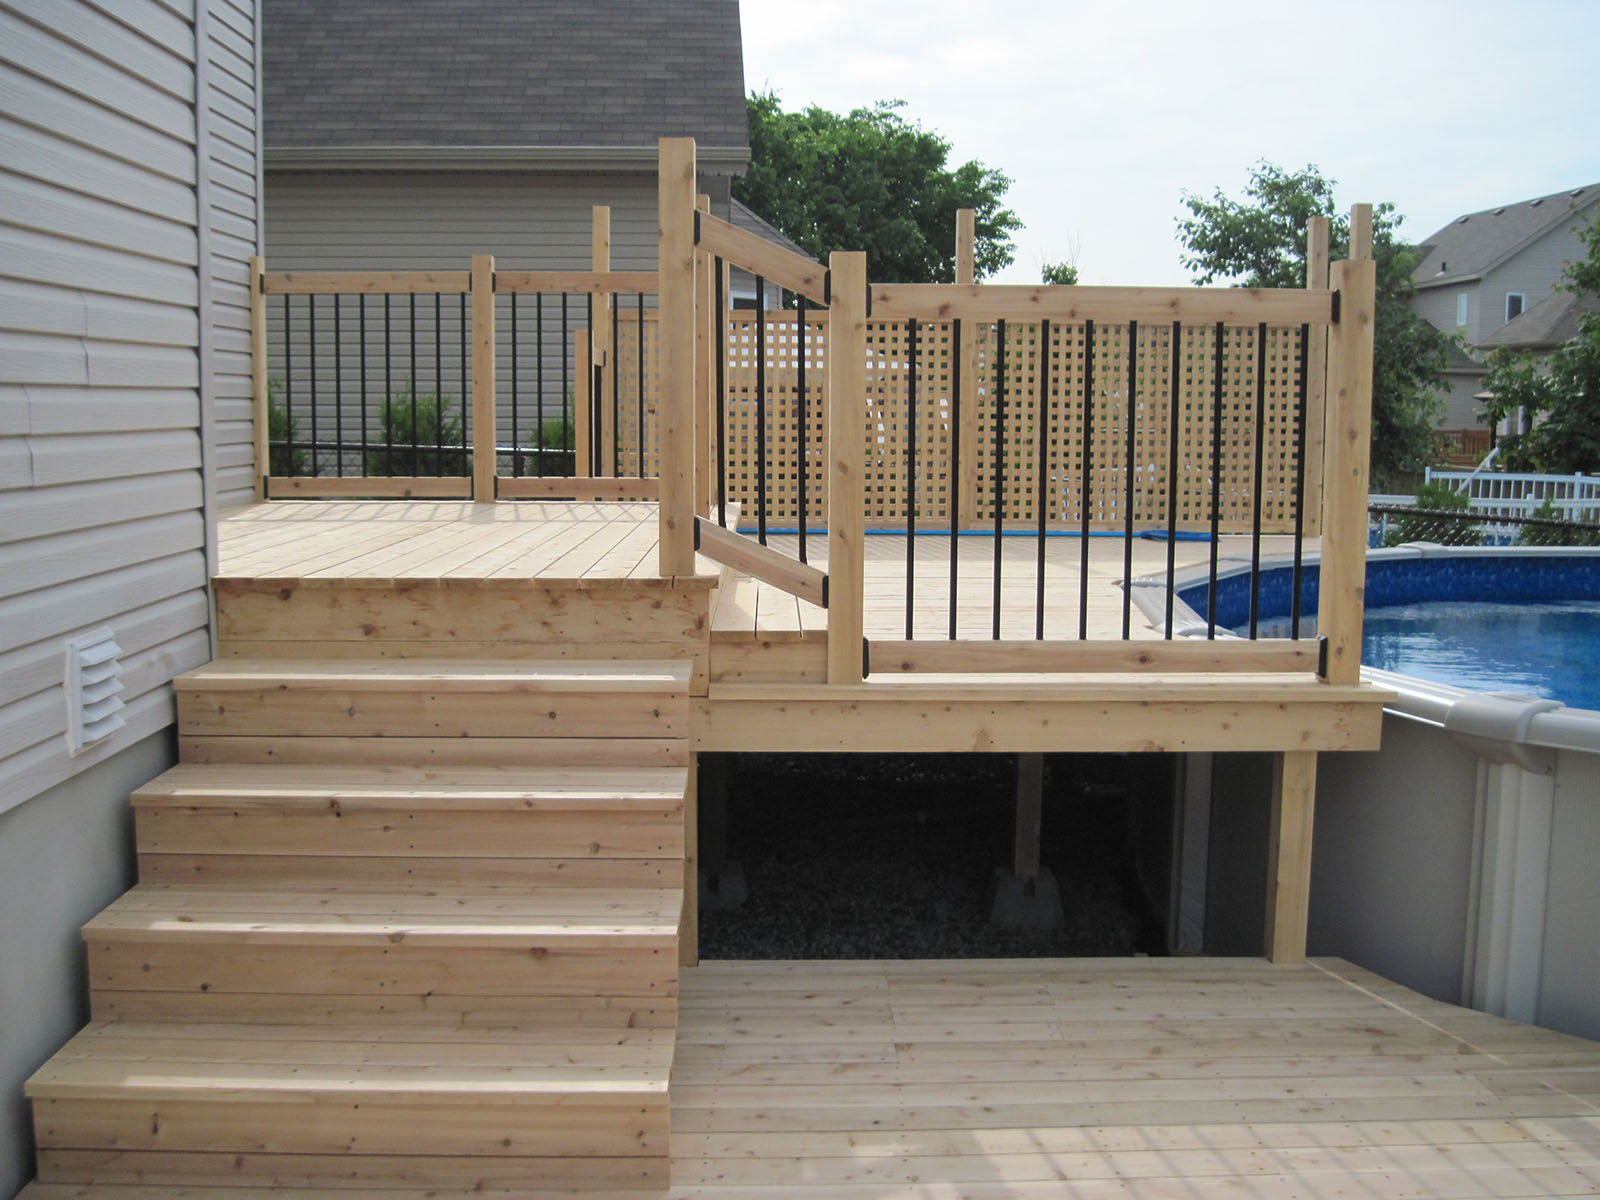 Sunrise paysagiste patio pergola et cl tures de bois for Modele de patio exterieur en bois